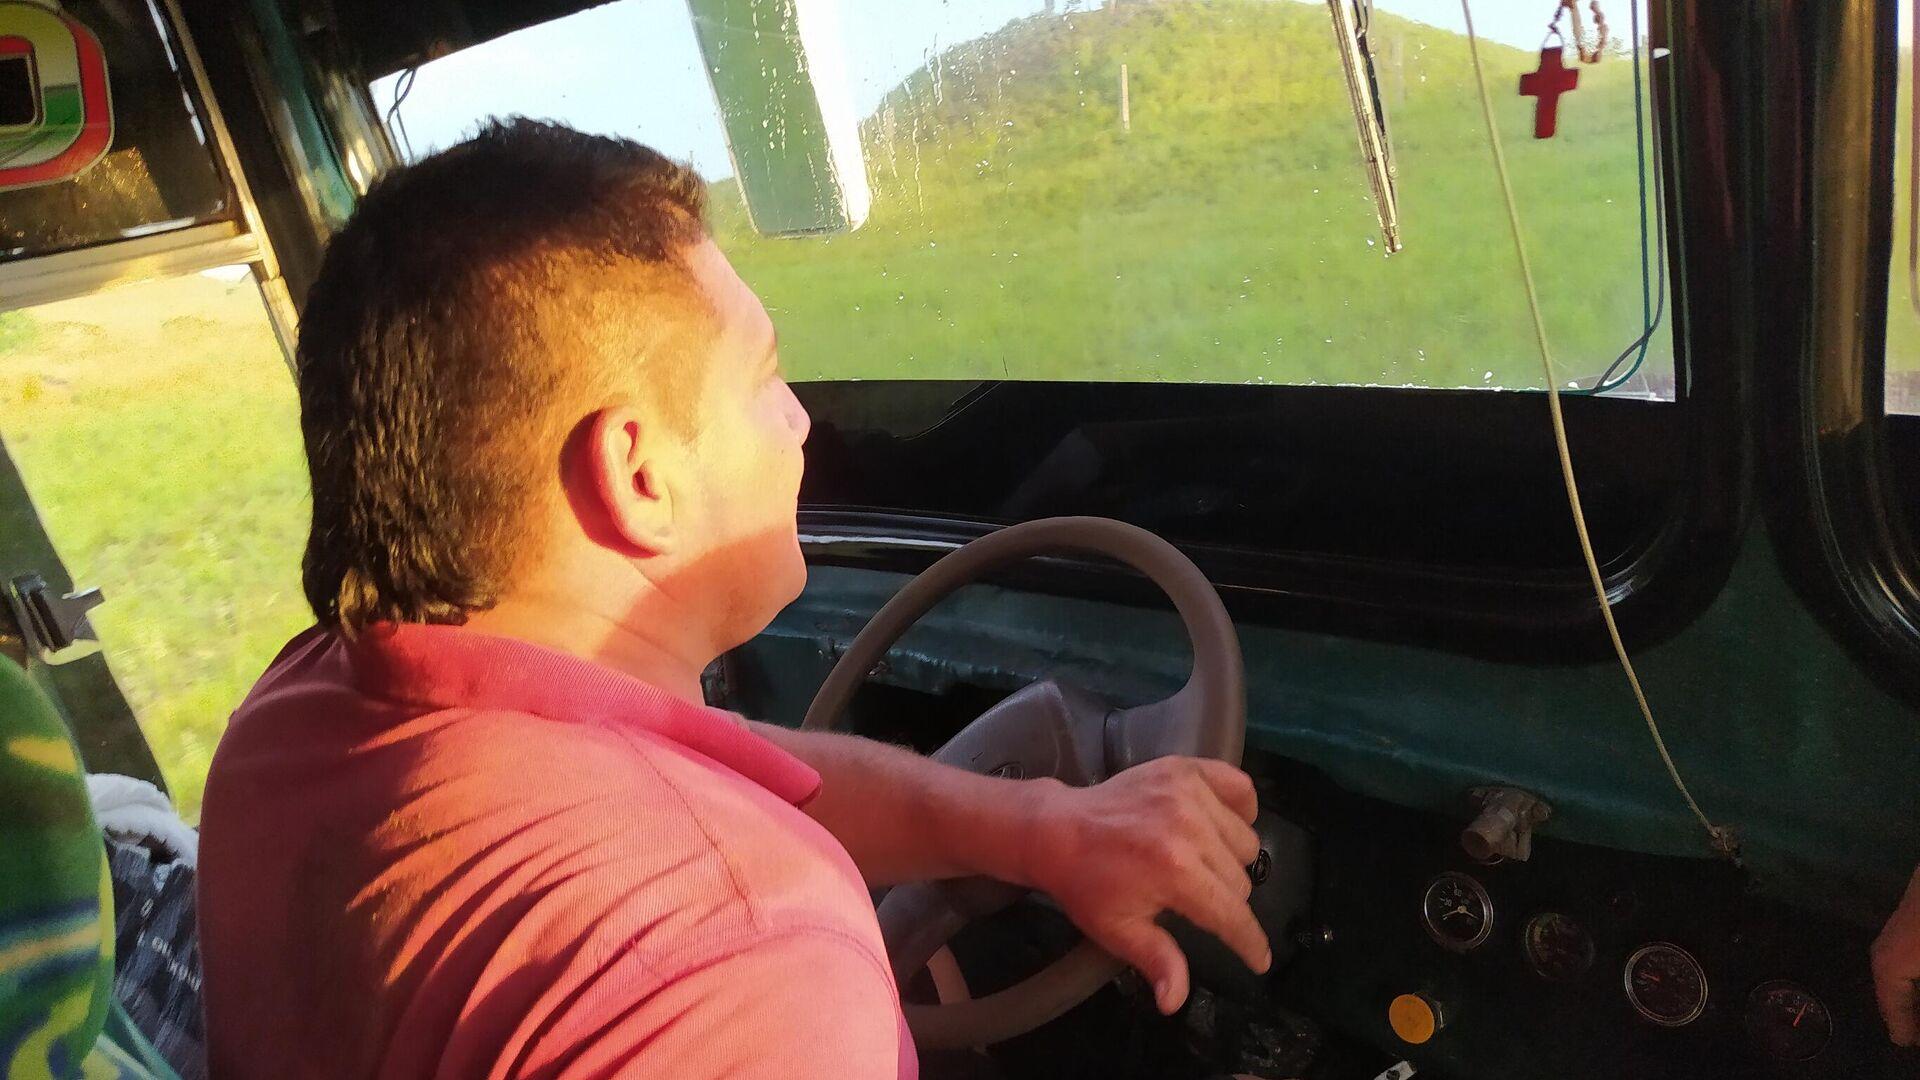 Néstor Esguerra es conductor de bus en los llanos orientales de Colombia - Sputnik Mundo, 1920, 21.04.2021